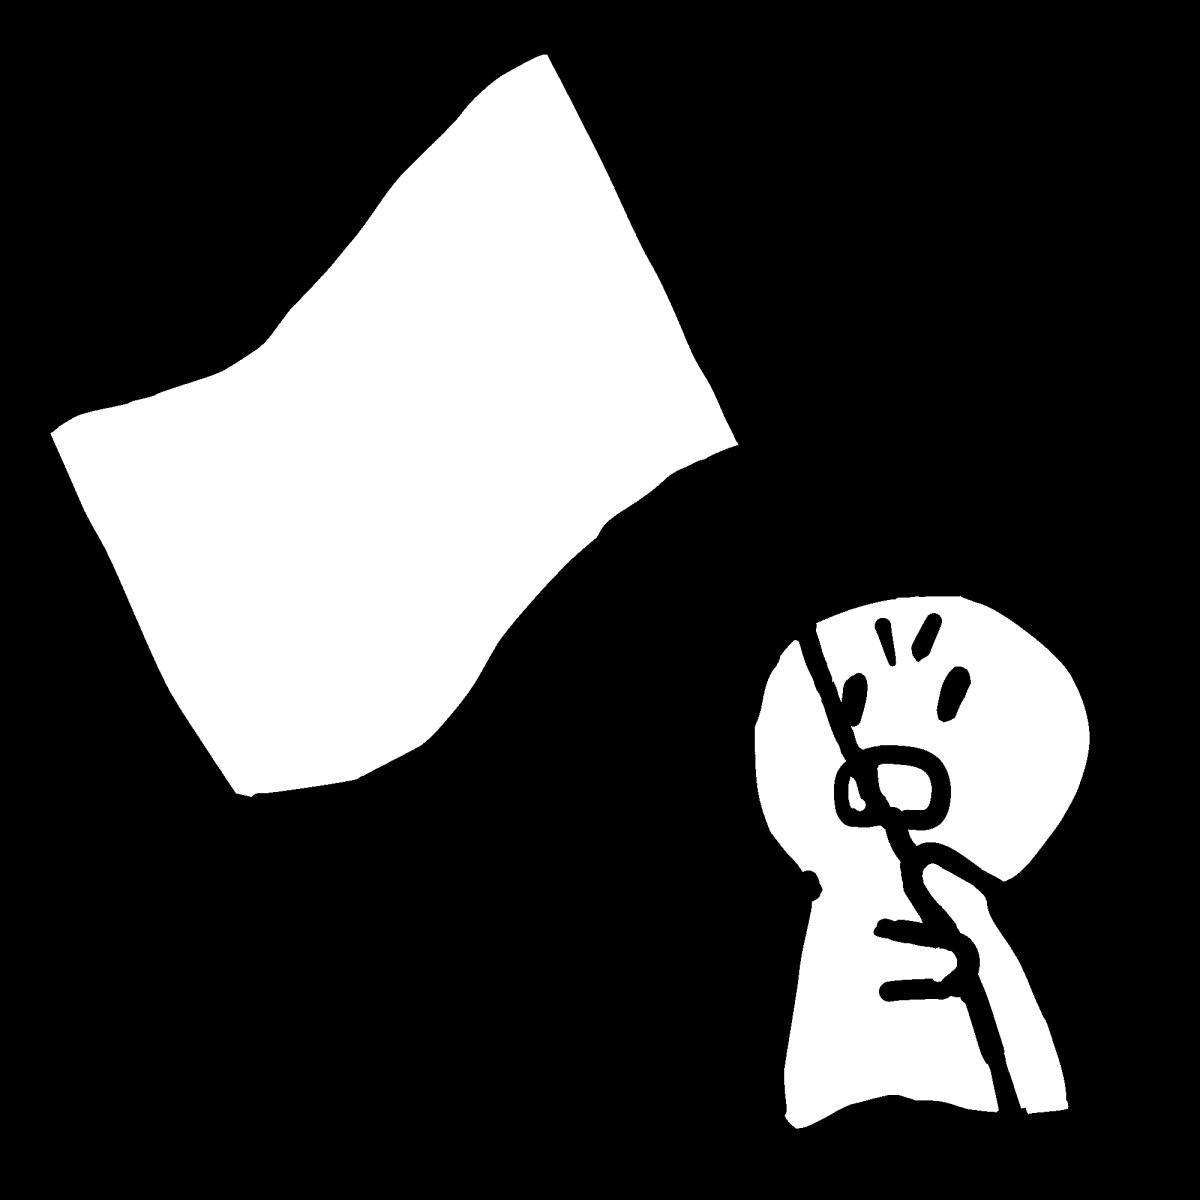 旗士が手旗を持つ1のイラスト / a flagman holding a flag Illustration